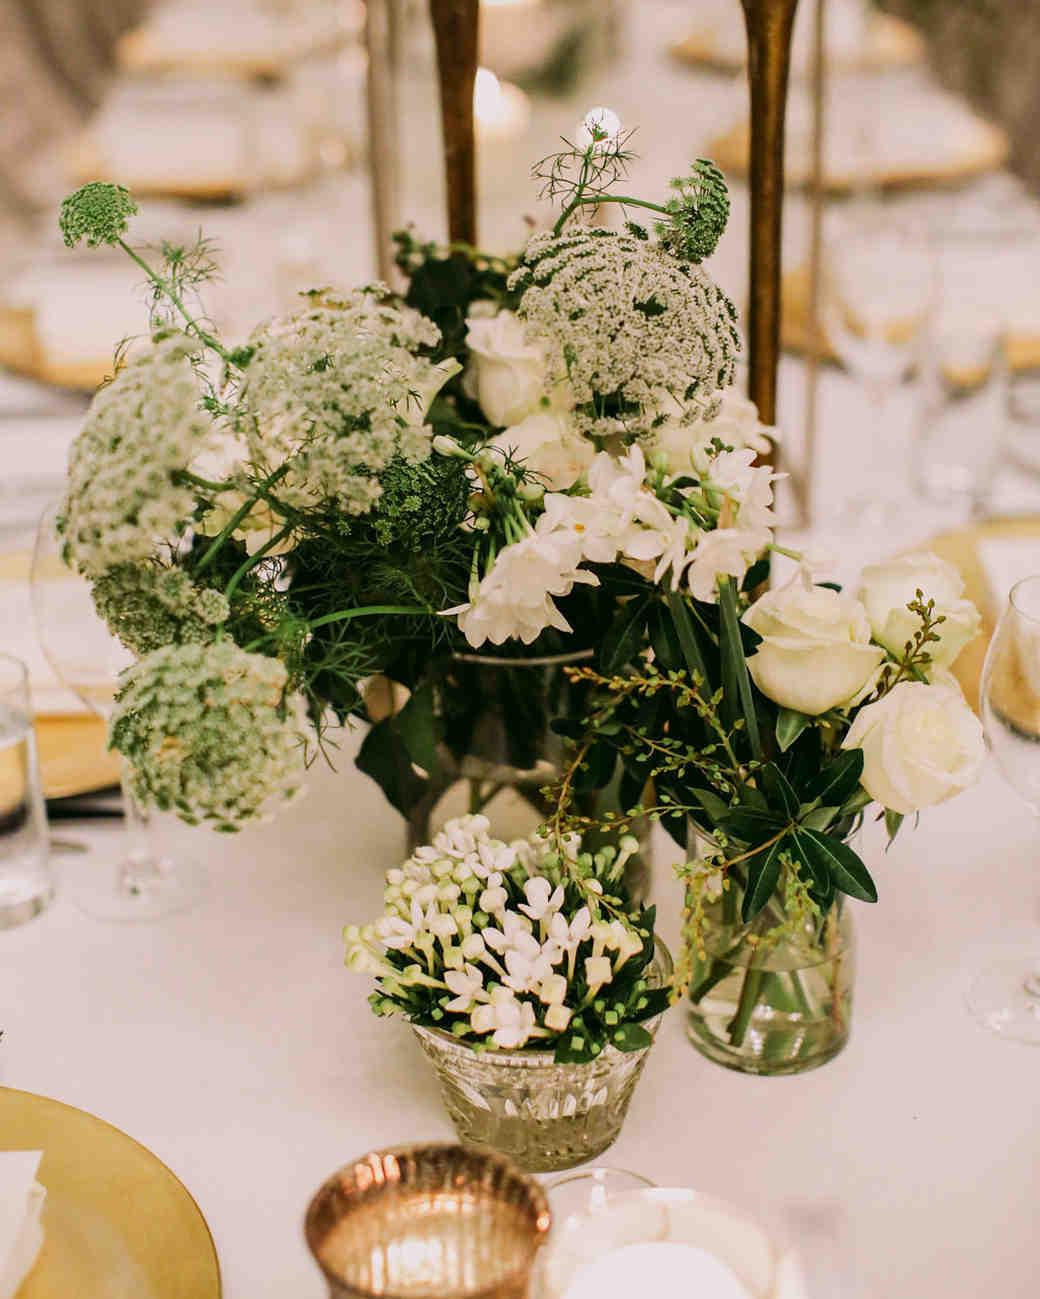 affordable wedding centerpieces that still look elevated martha rh marthastewartweddings com Cheap Wedding Centerpieces for Tables Cheap Silk Flower Arrangements Centerpieces